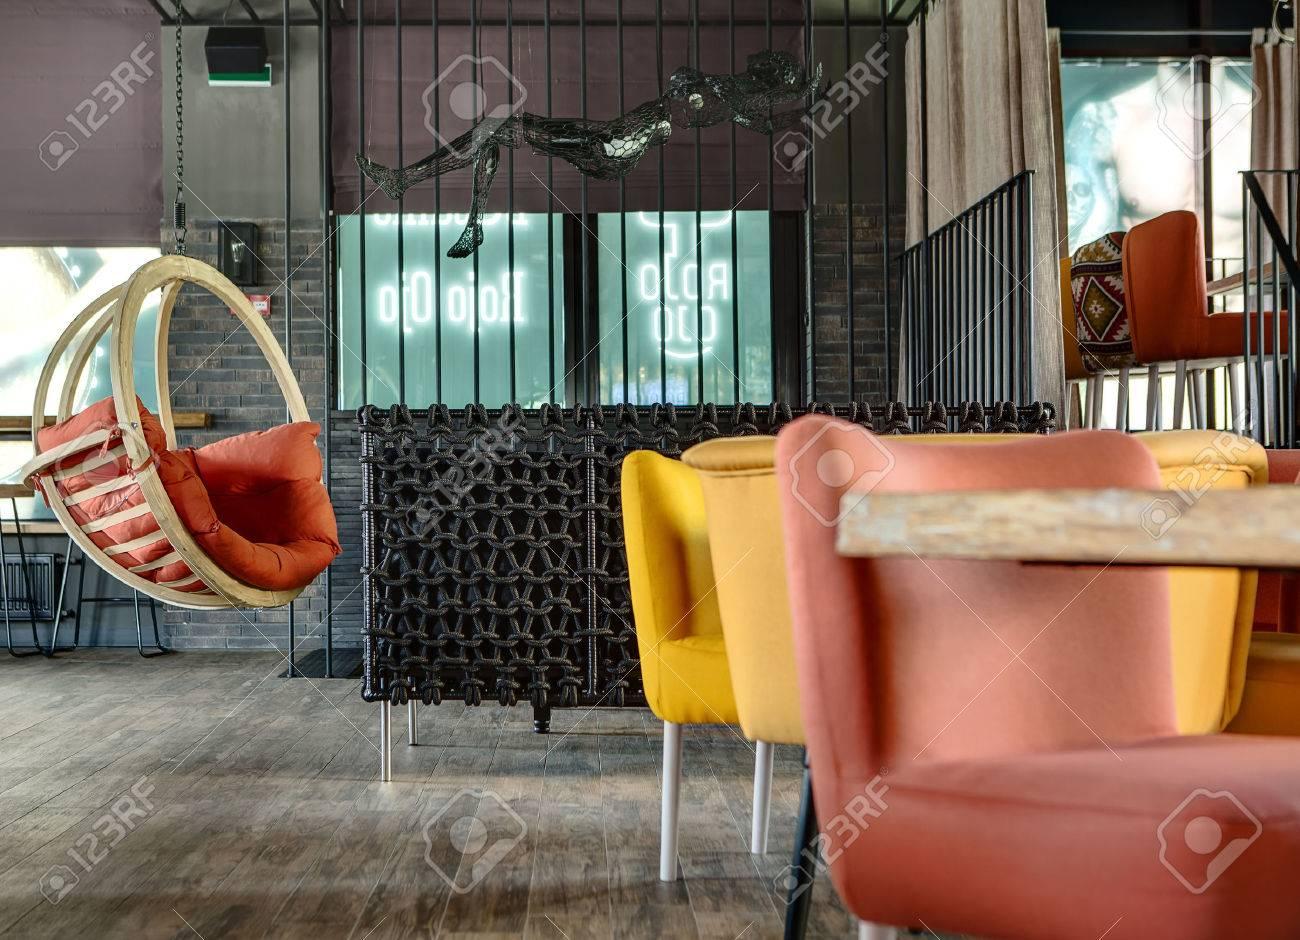 Il Y A Une Table En Bois Chaises Multicolores Un Canap Osier Noir Et Pendaison Chaise Bascule Avec Oreiller Rouge